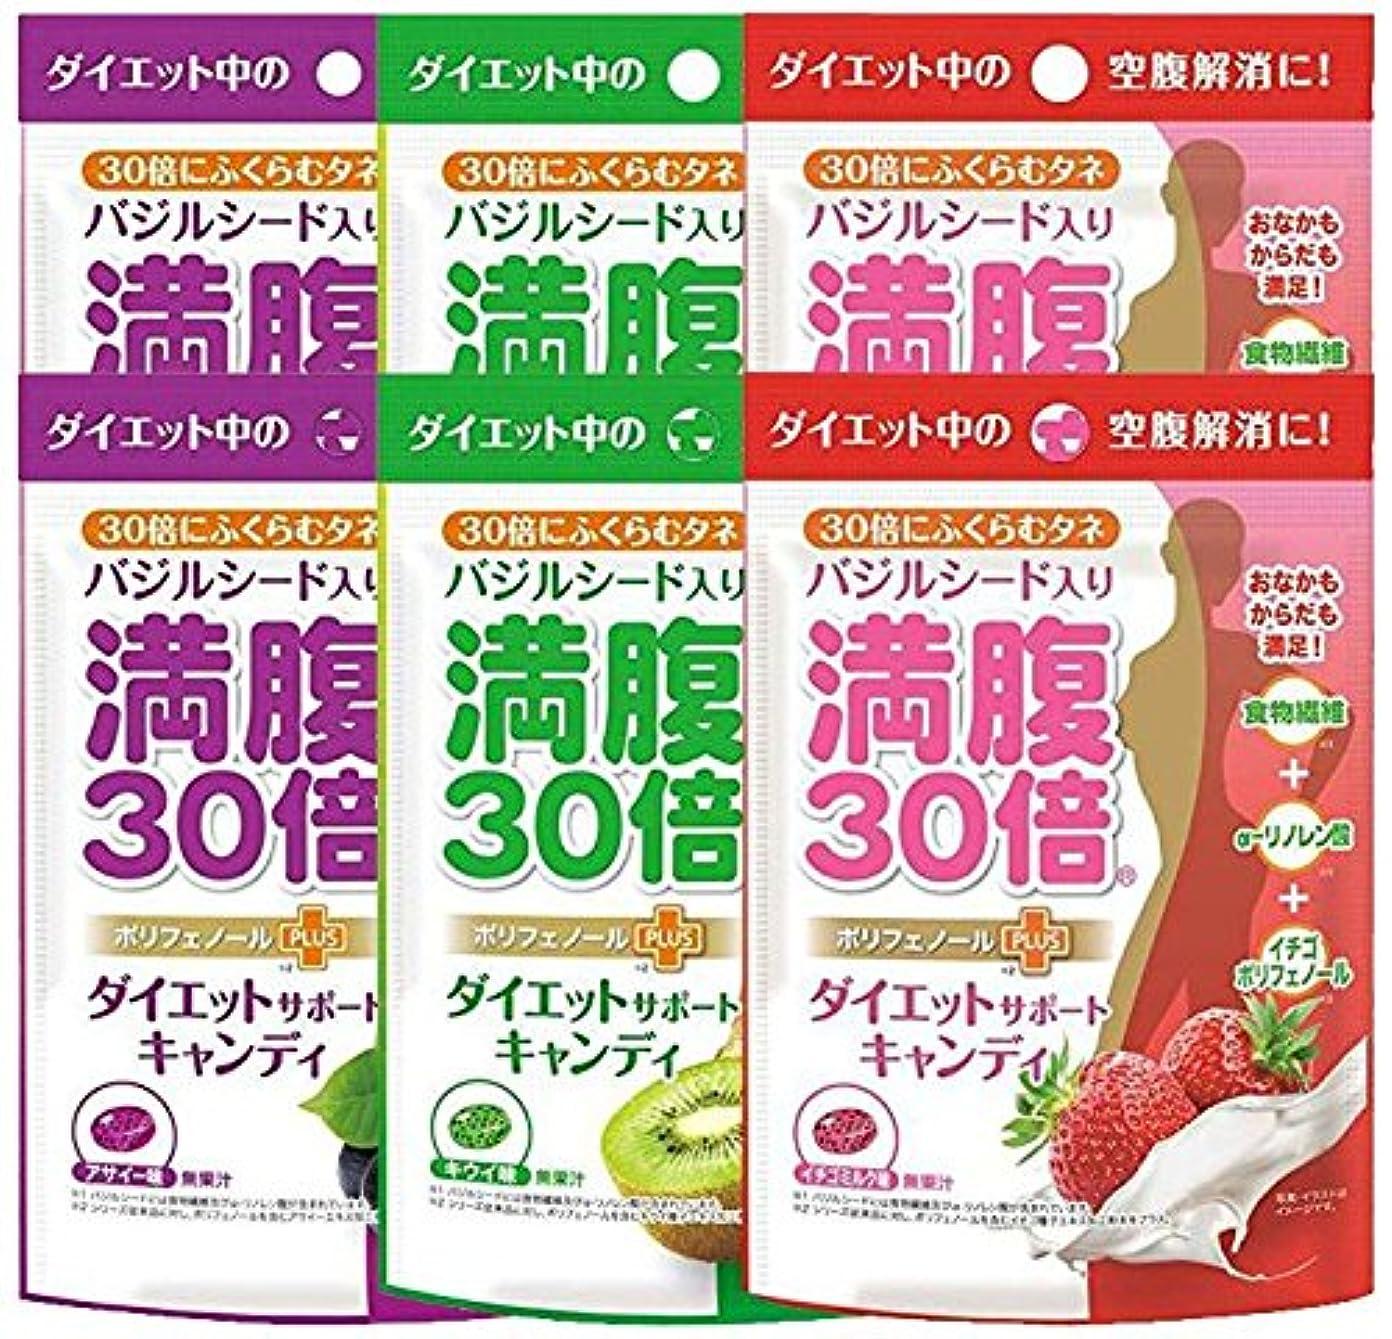 劇作家用心する立証する満腹30倍 ダイエットサポートキャンディ 3種アソート( アサイー キウイ イチゴミルク 各2袋) 6袋